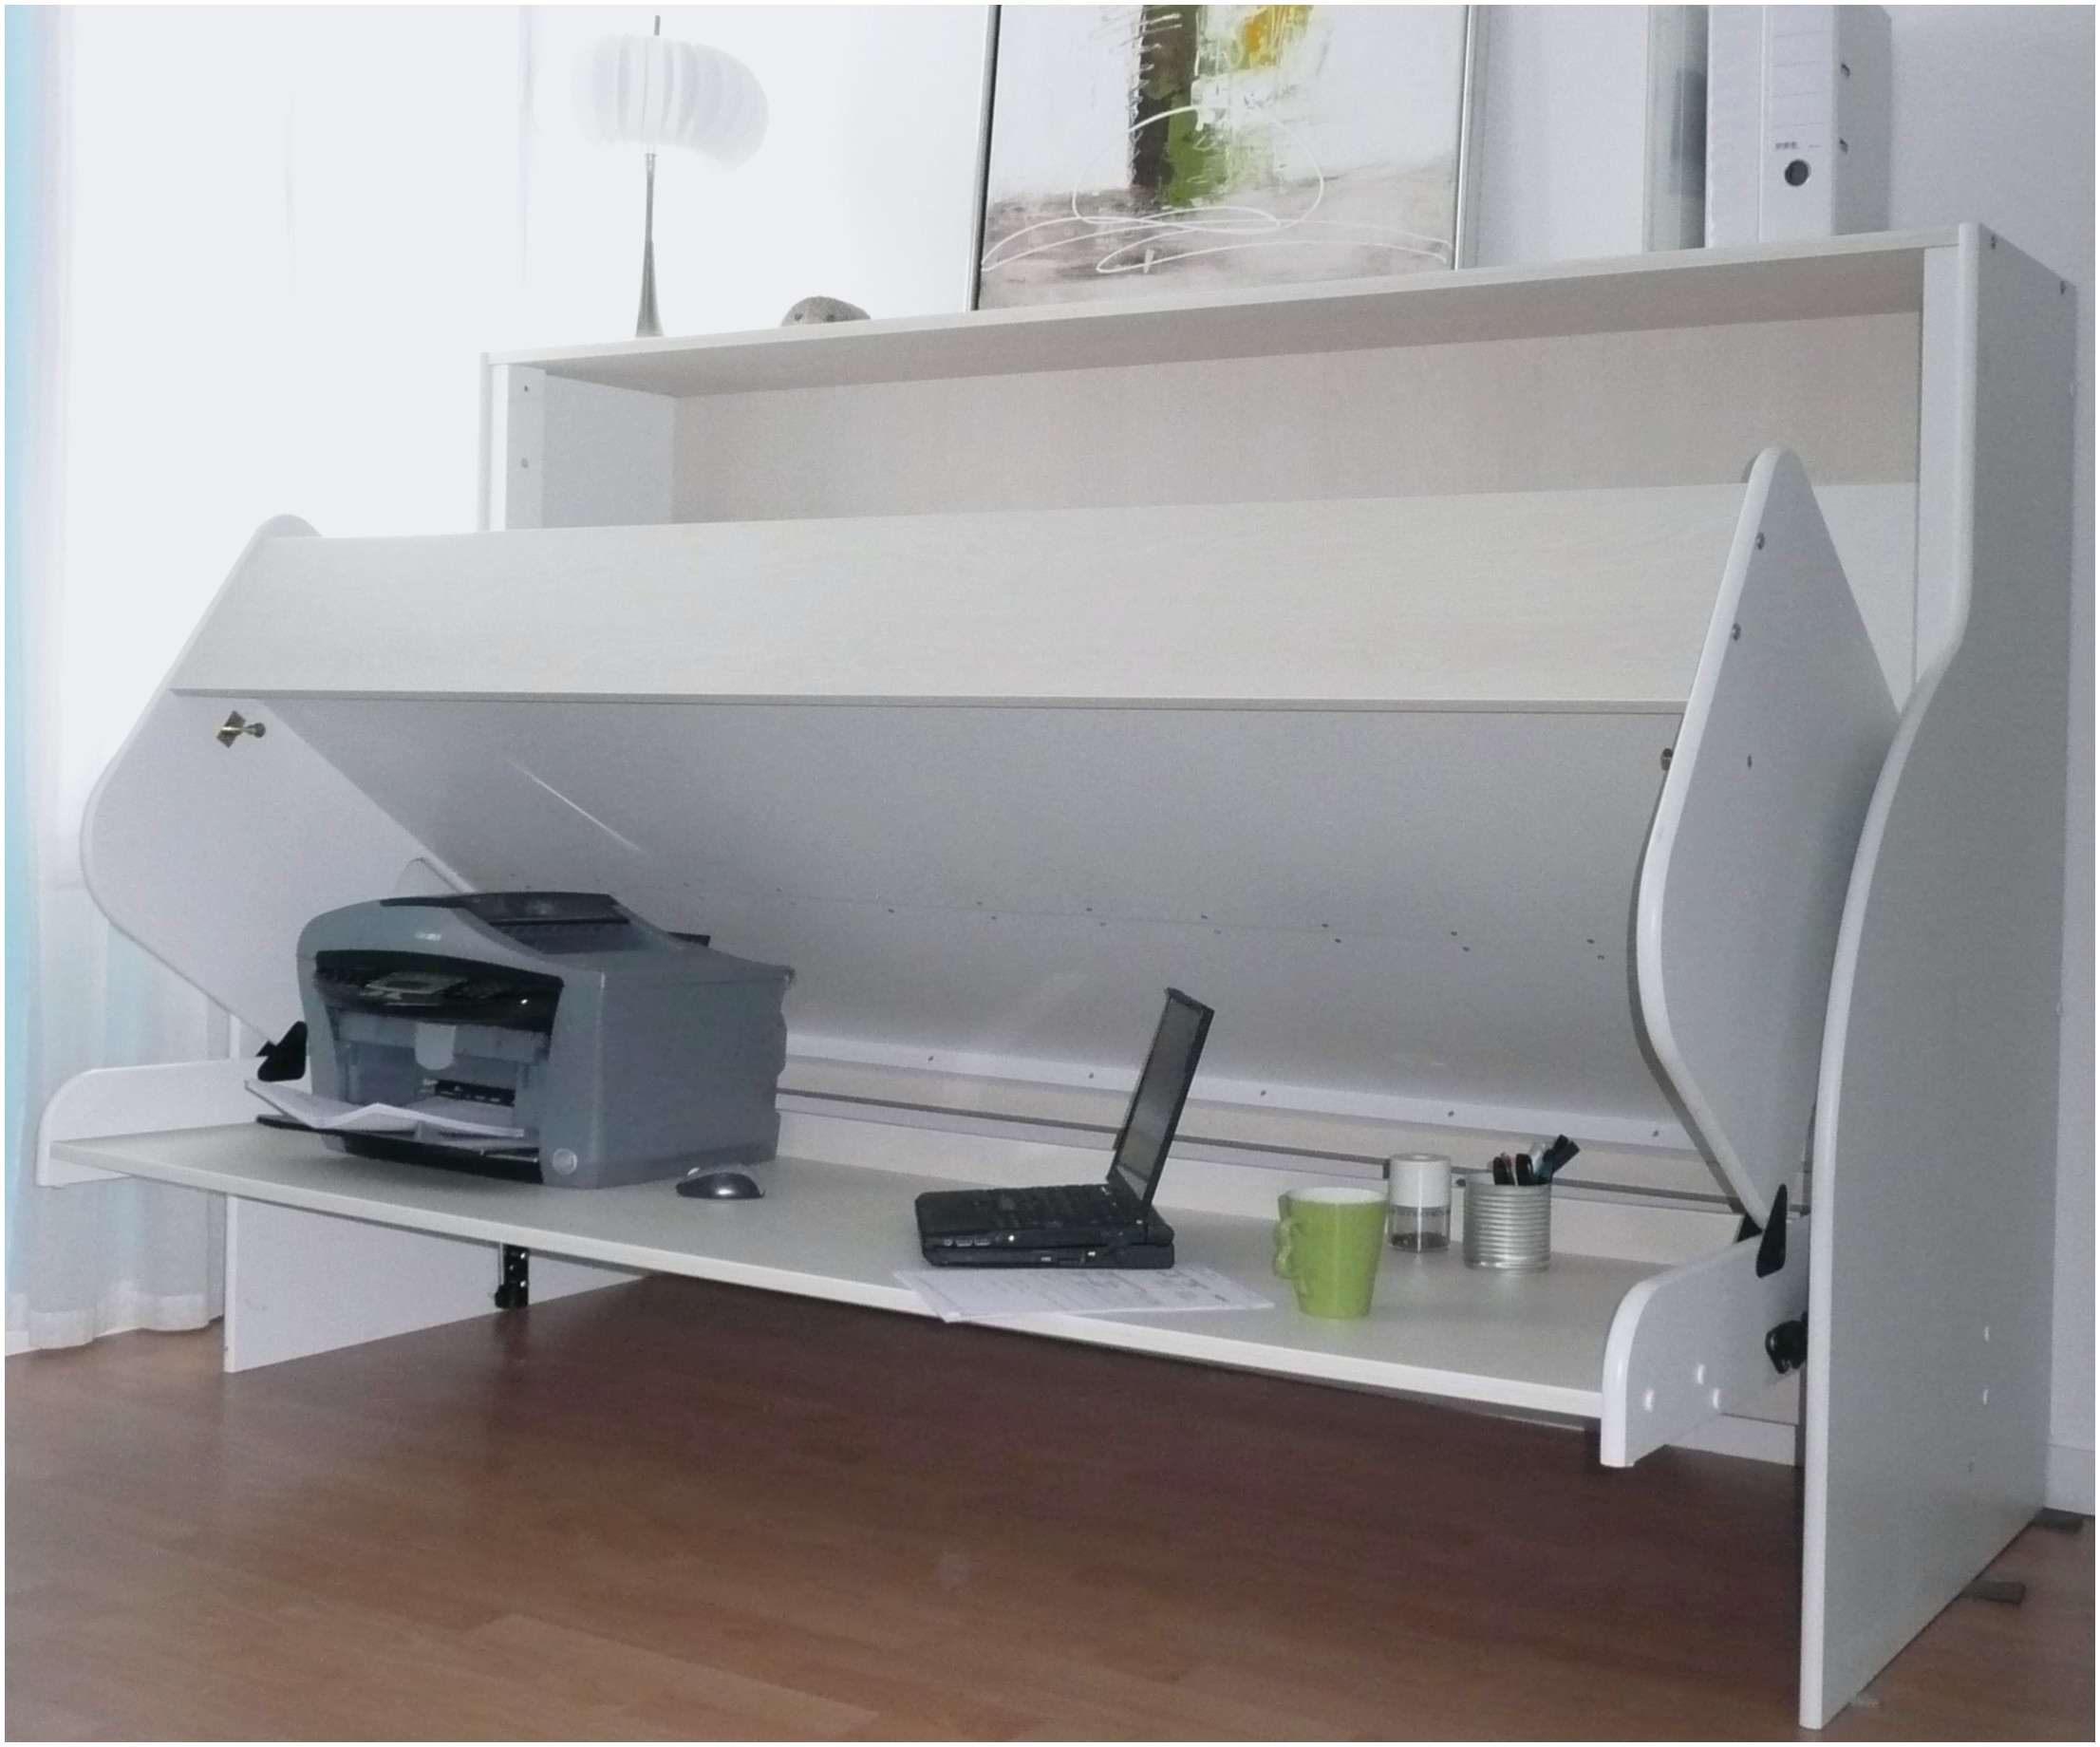 Lit Mezzanine Bureau Meilleur De Unique Bureau Encastrable Bureau Retractable Bureau Encastrable Pour